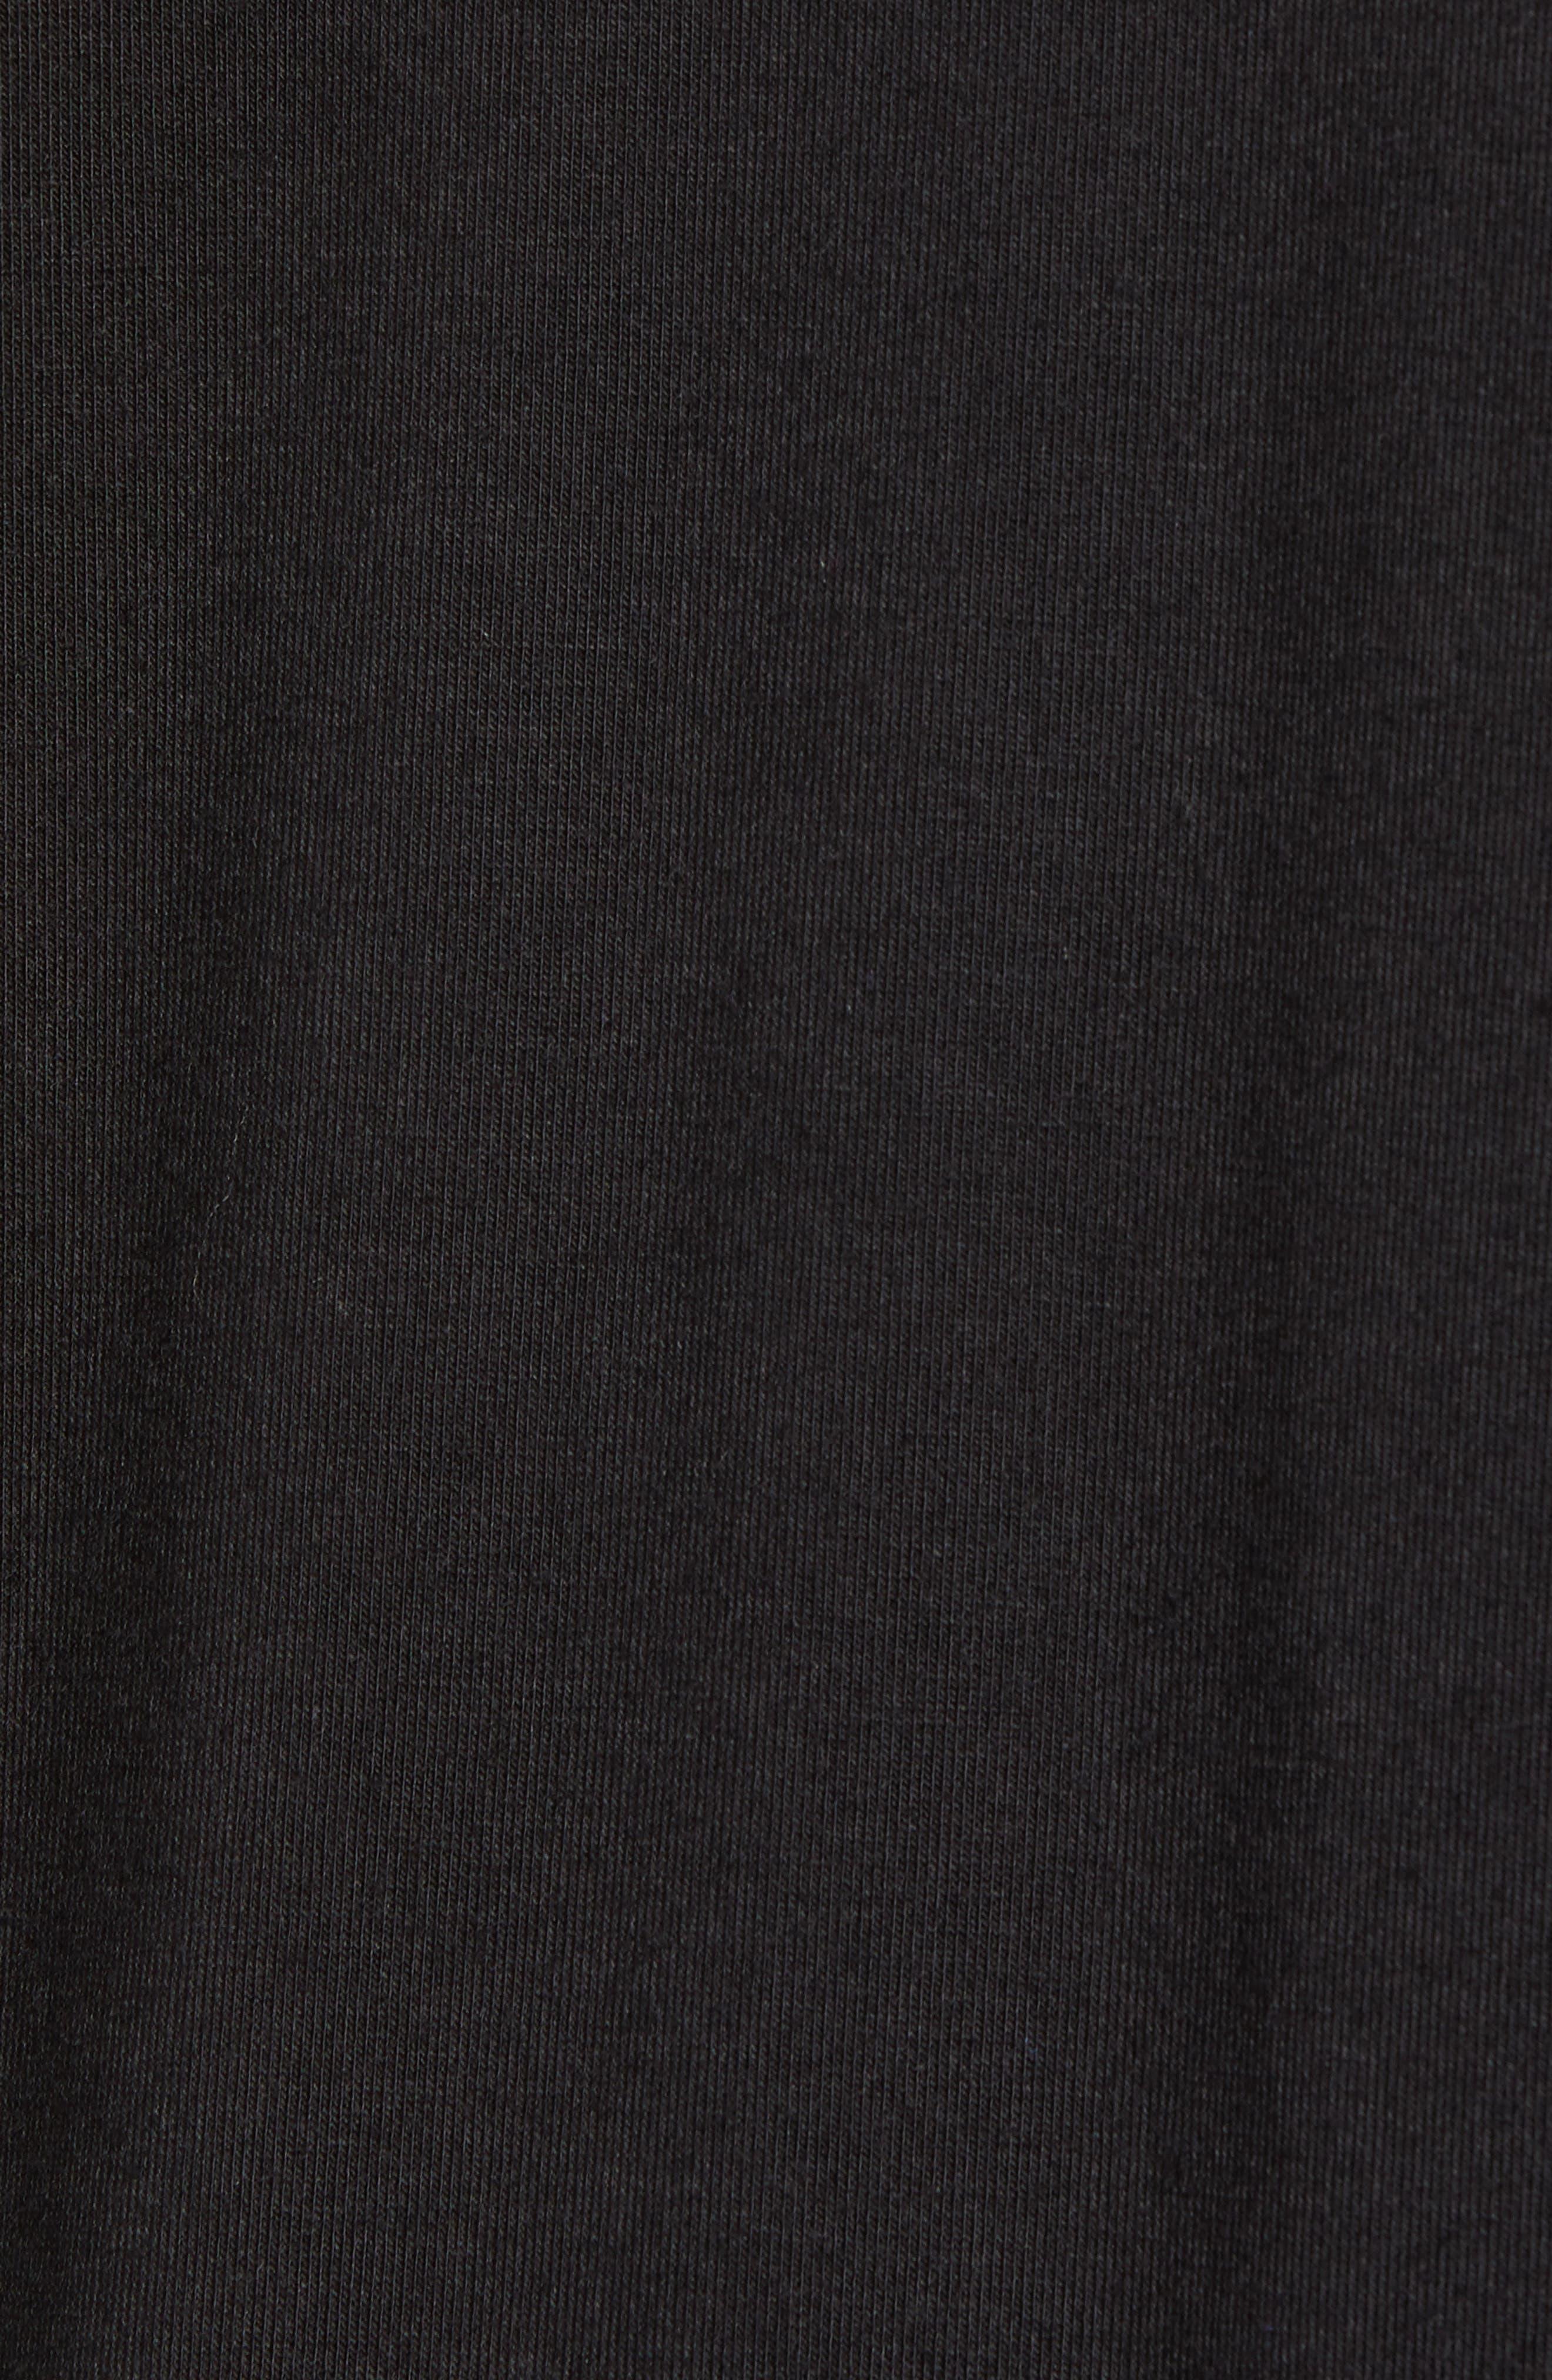 Surplice Knit Top,                             Alternate thumbnail 5, color,                             001